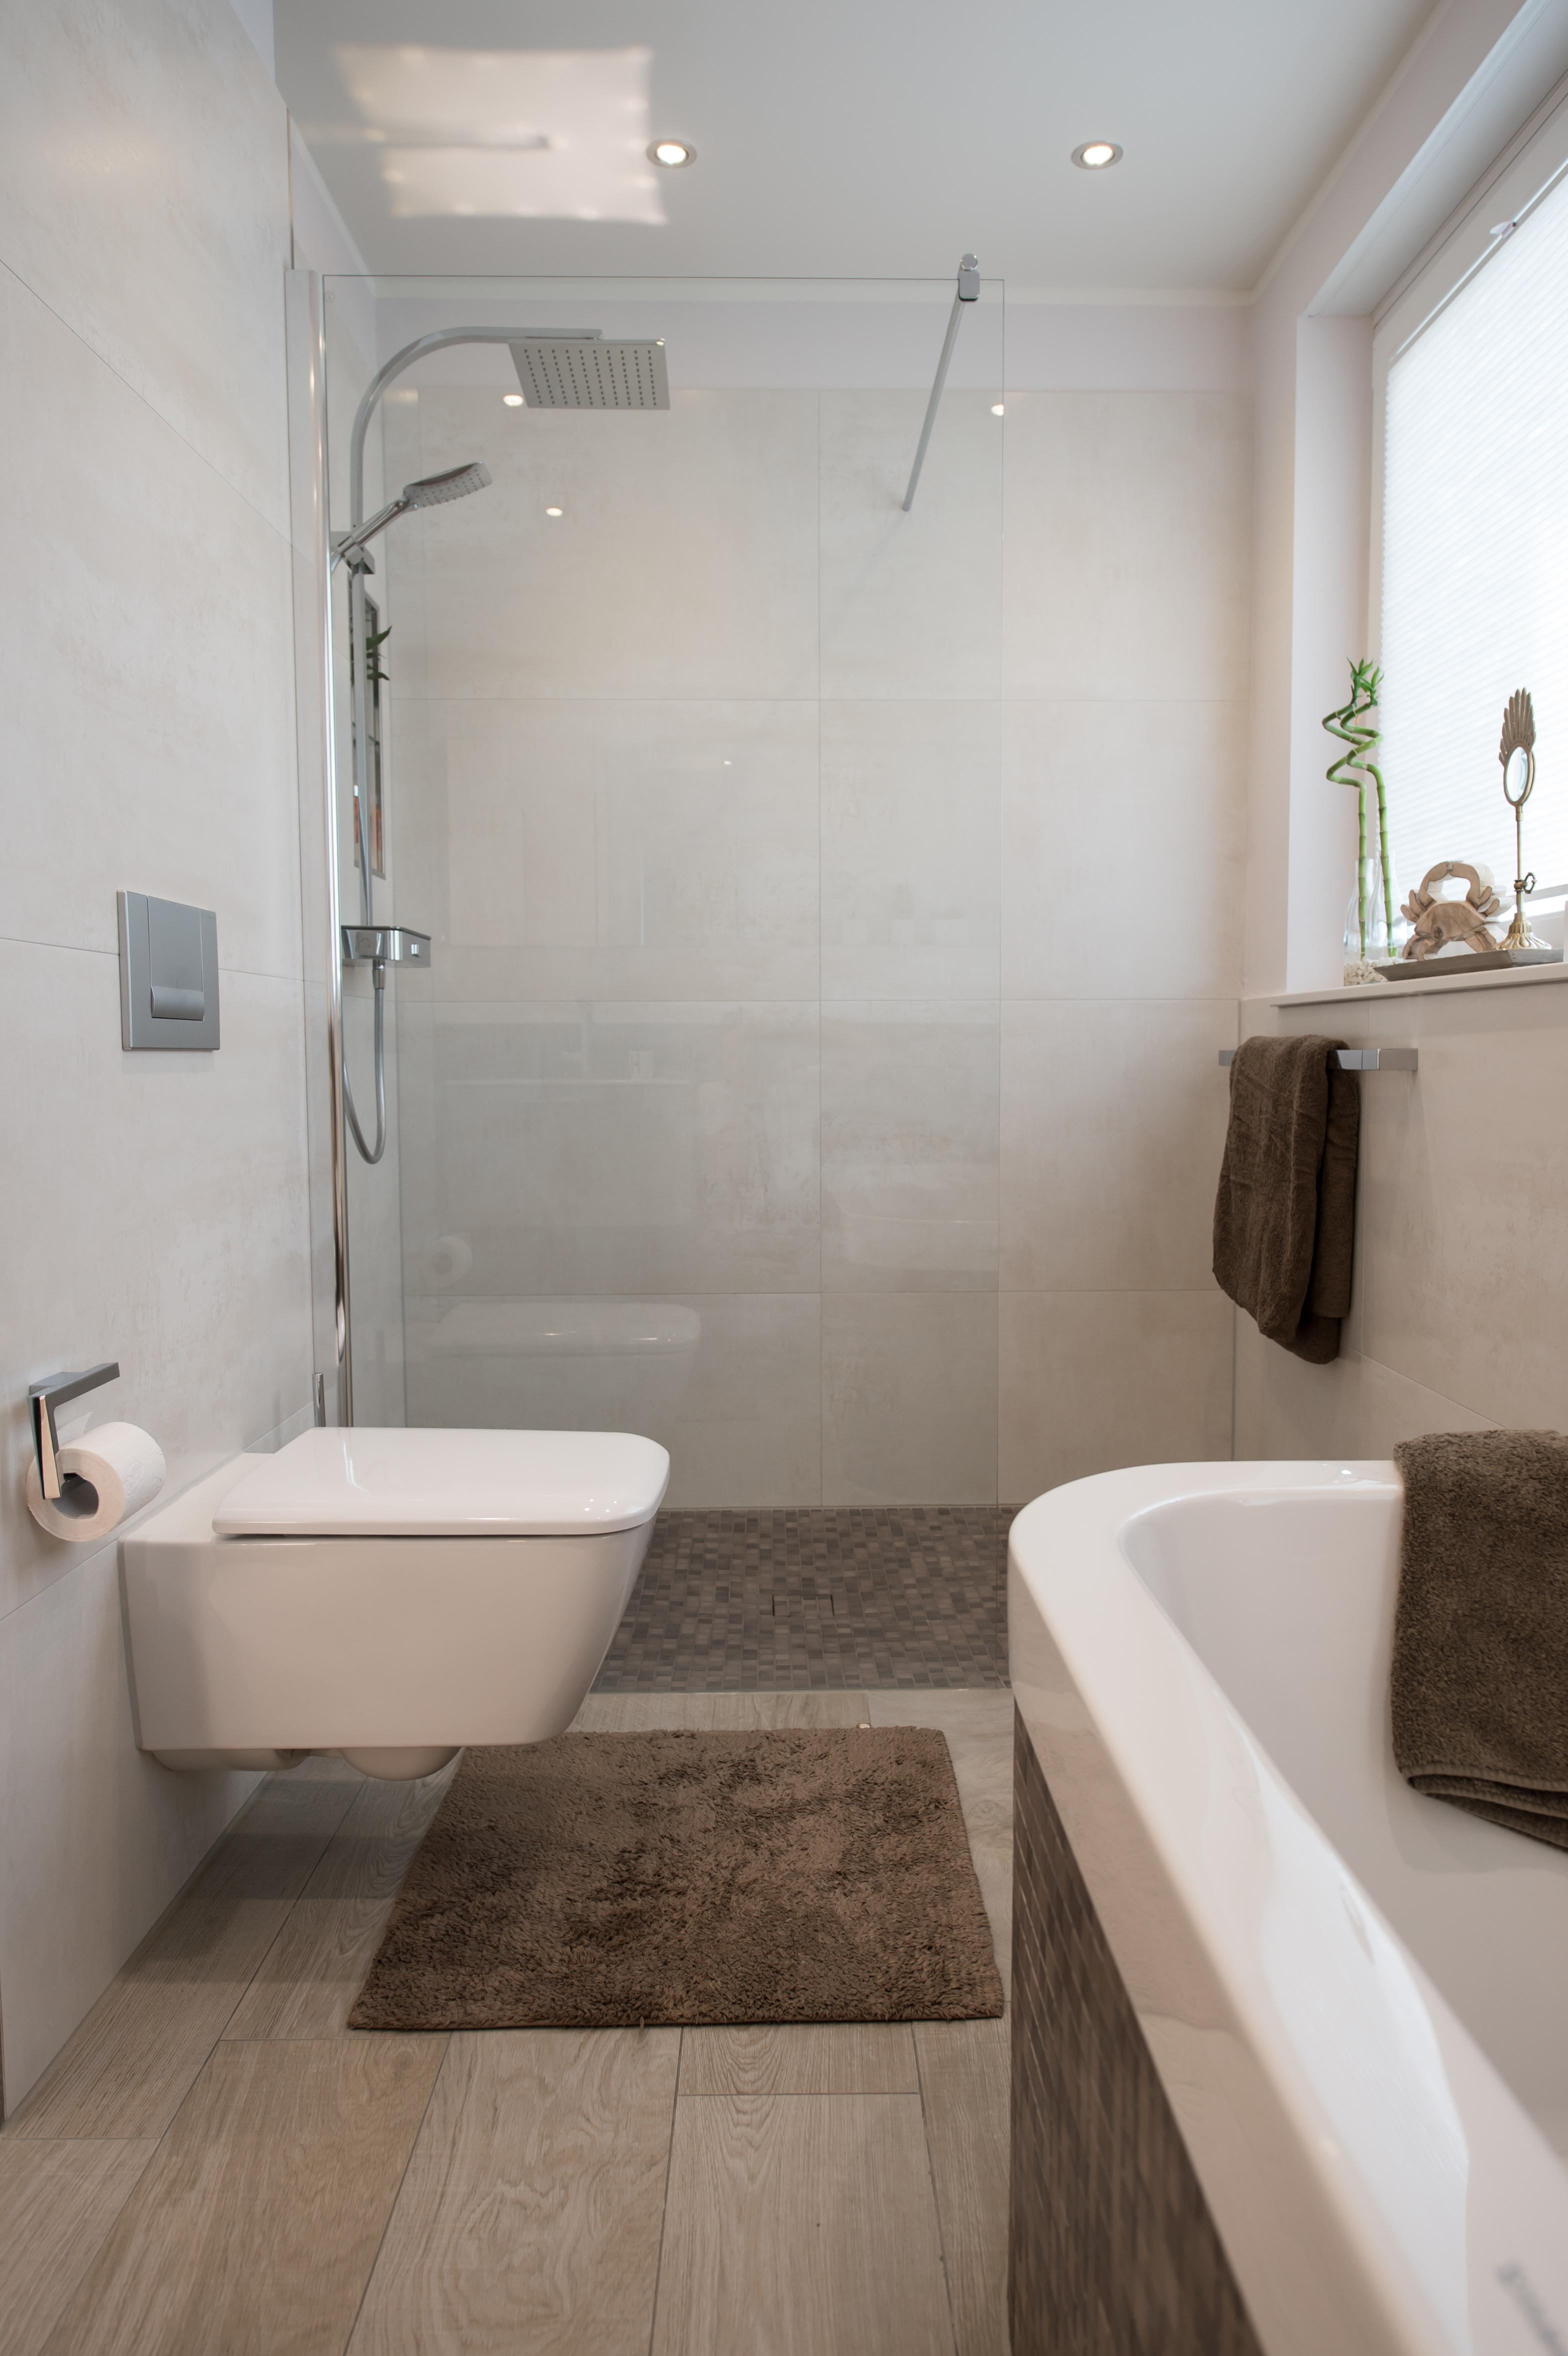 #bestebadstudios #badezimmer #bad #badewanne #dusche #wc #badsanierung